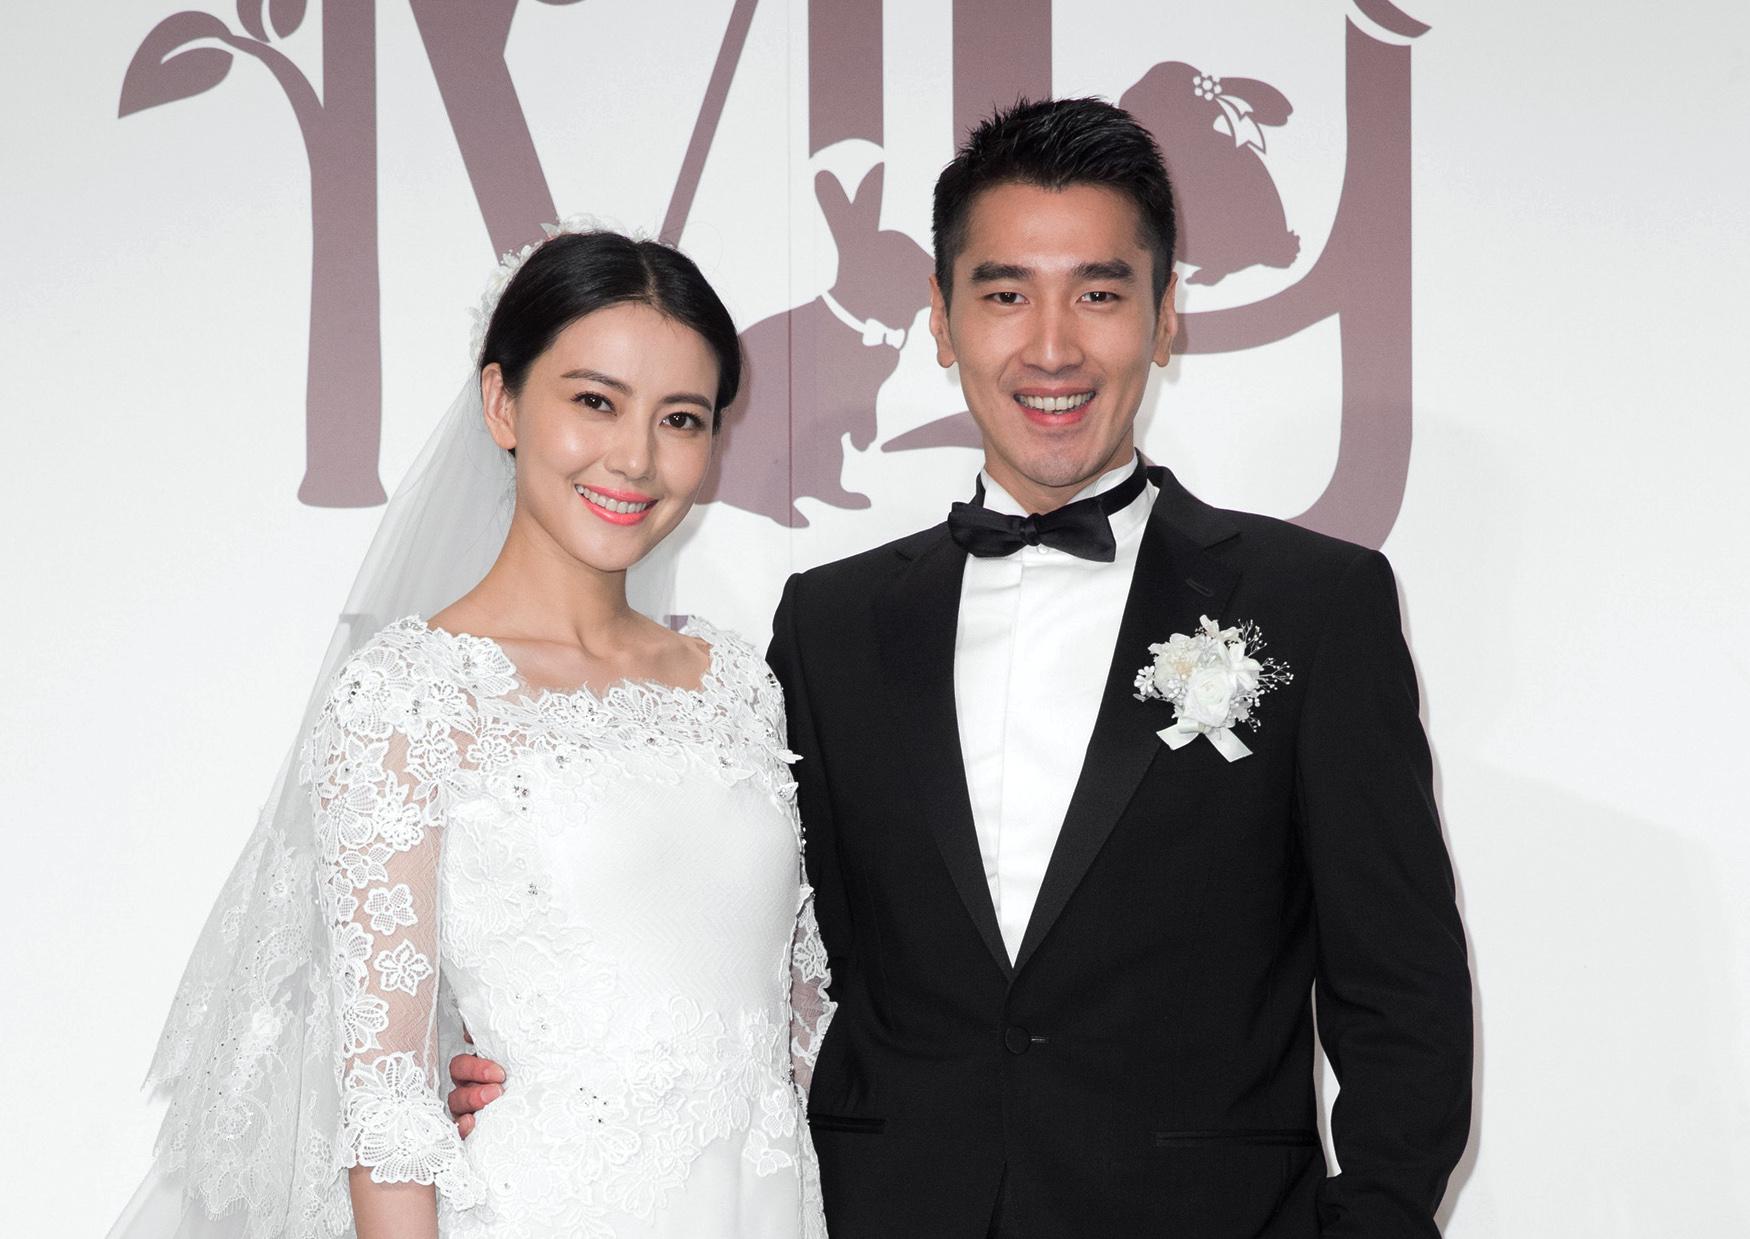 快讯 / 「高圆圆」结婚5年「宣布怀孕」 赵又廷「发文报喜」:是的!谢谢大家祝福插图6